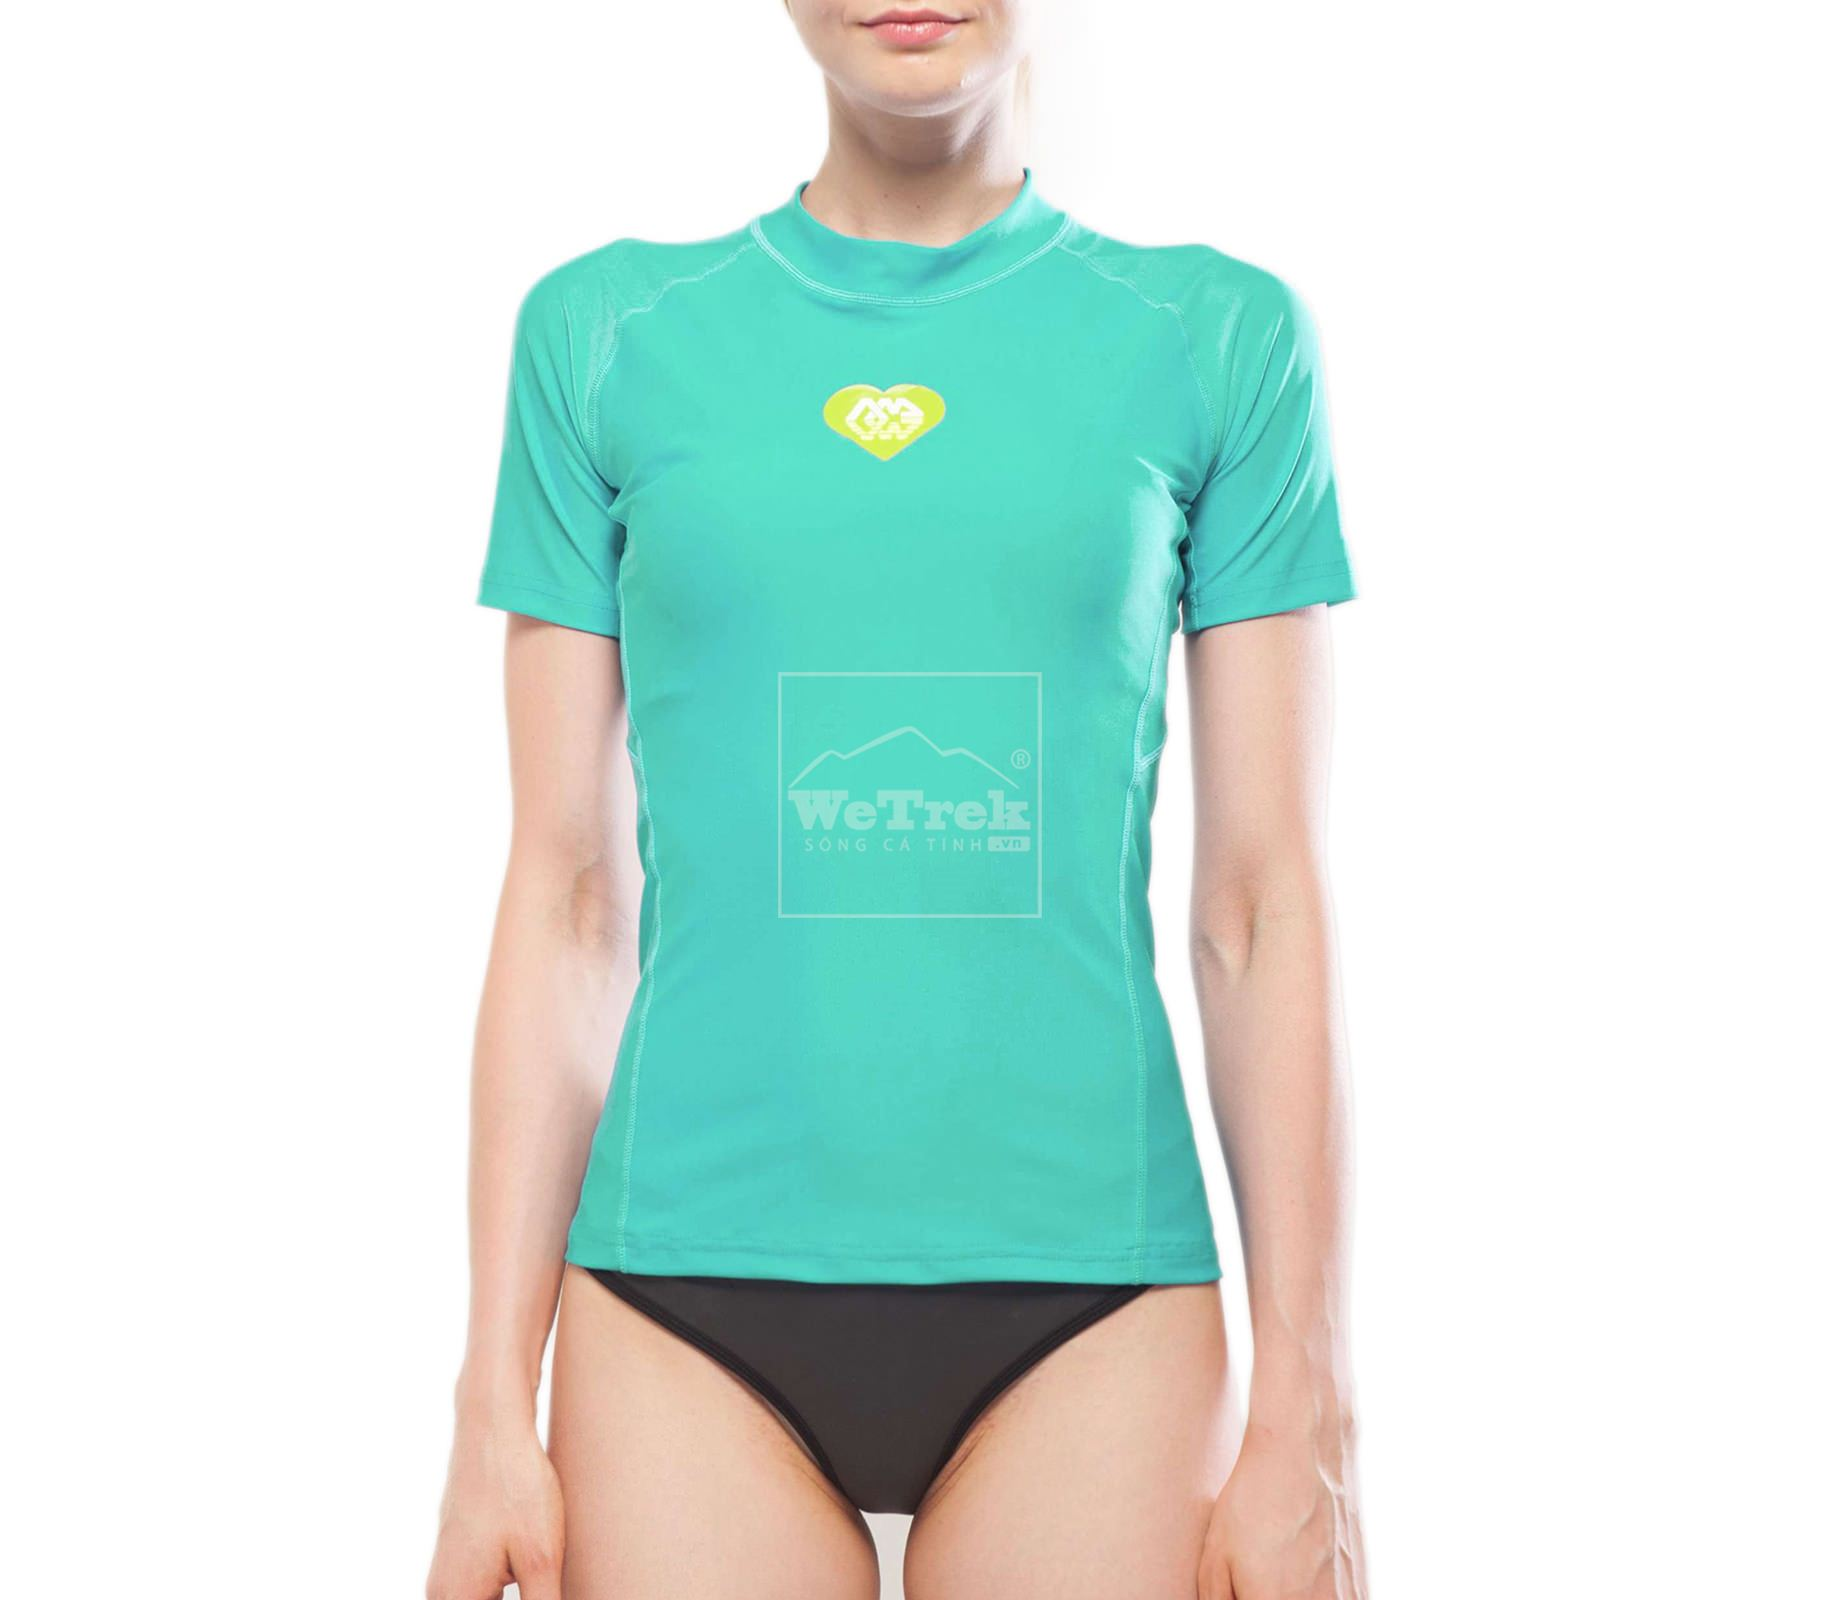 Áo bơi chống nắng ngắn tay nữ Alluv Women